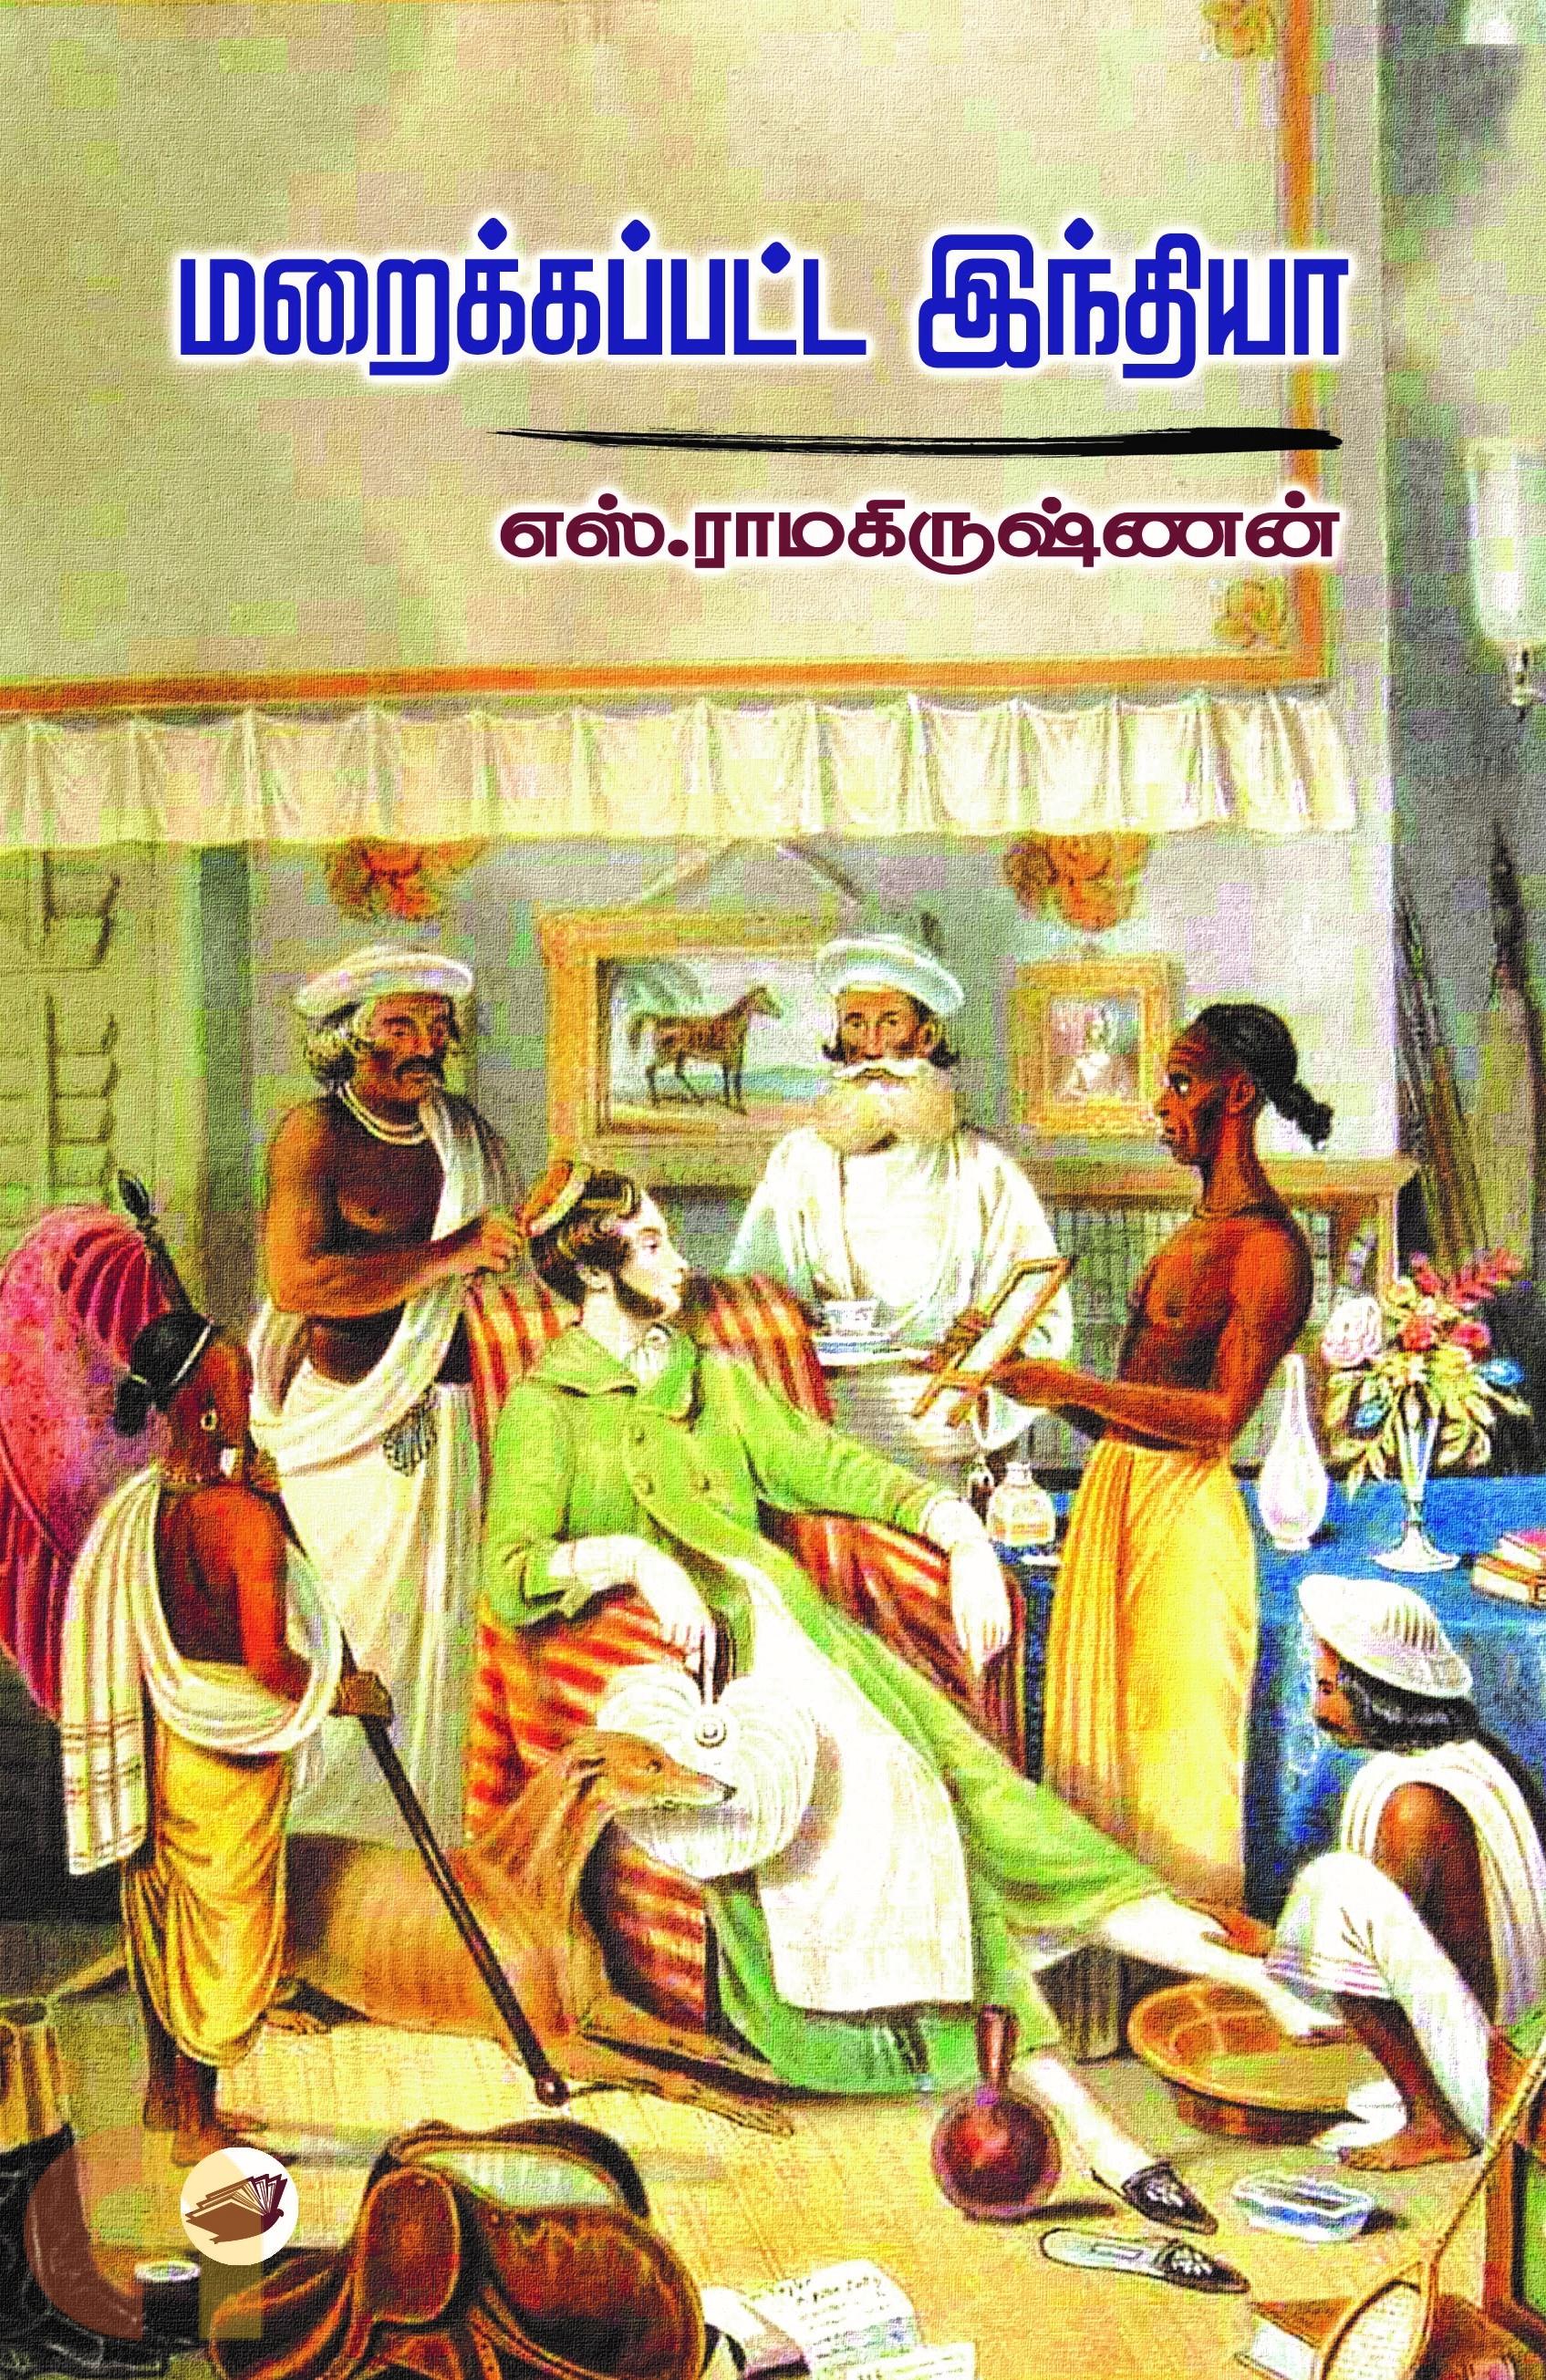 மறைக்கப்பட்ட இந்தியா (தேசாந்திரி)